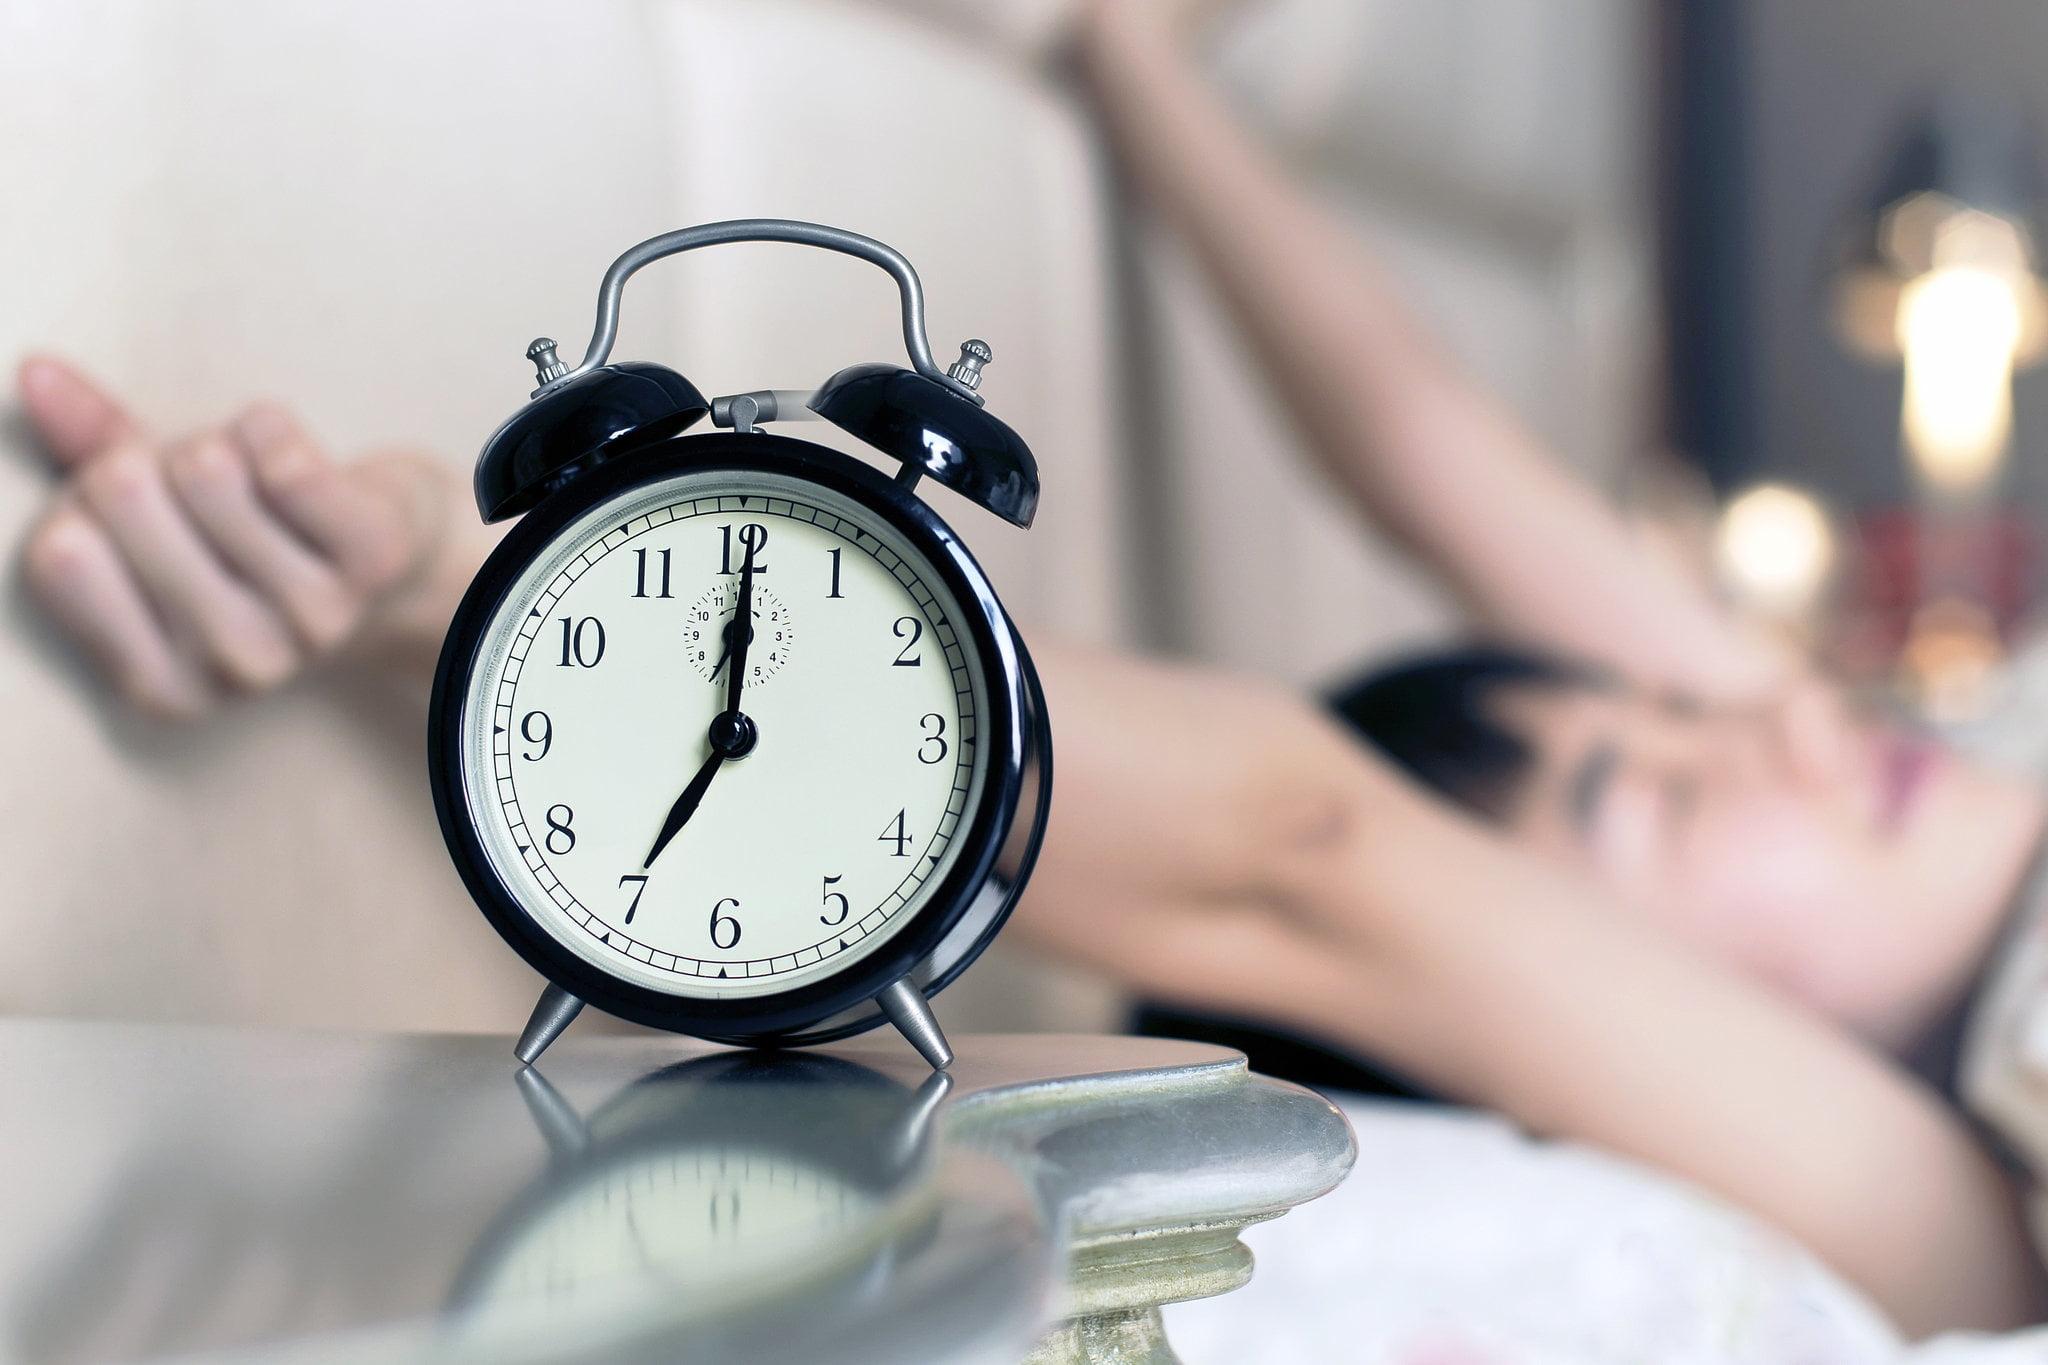 Work at home và work from home: Giống và khác nhau chỗ nào? 2